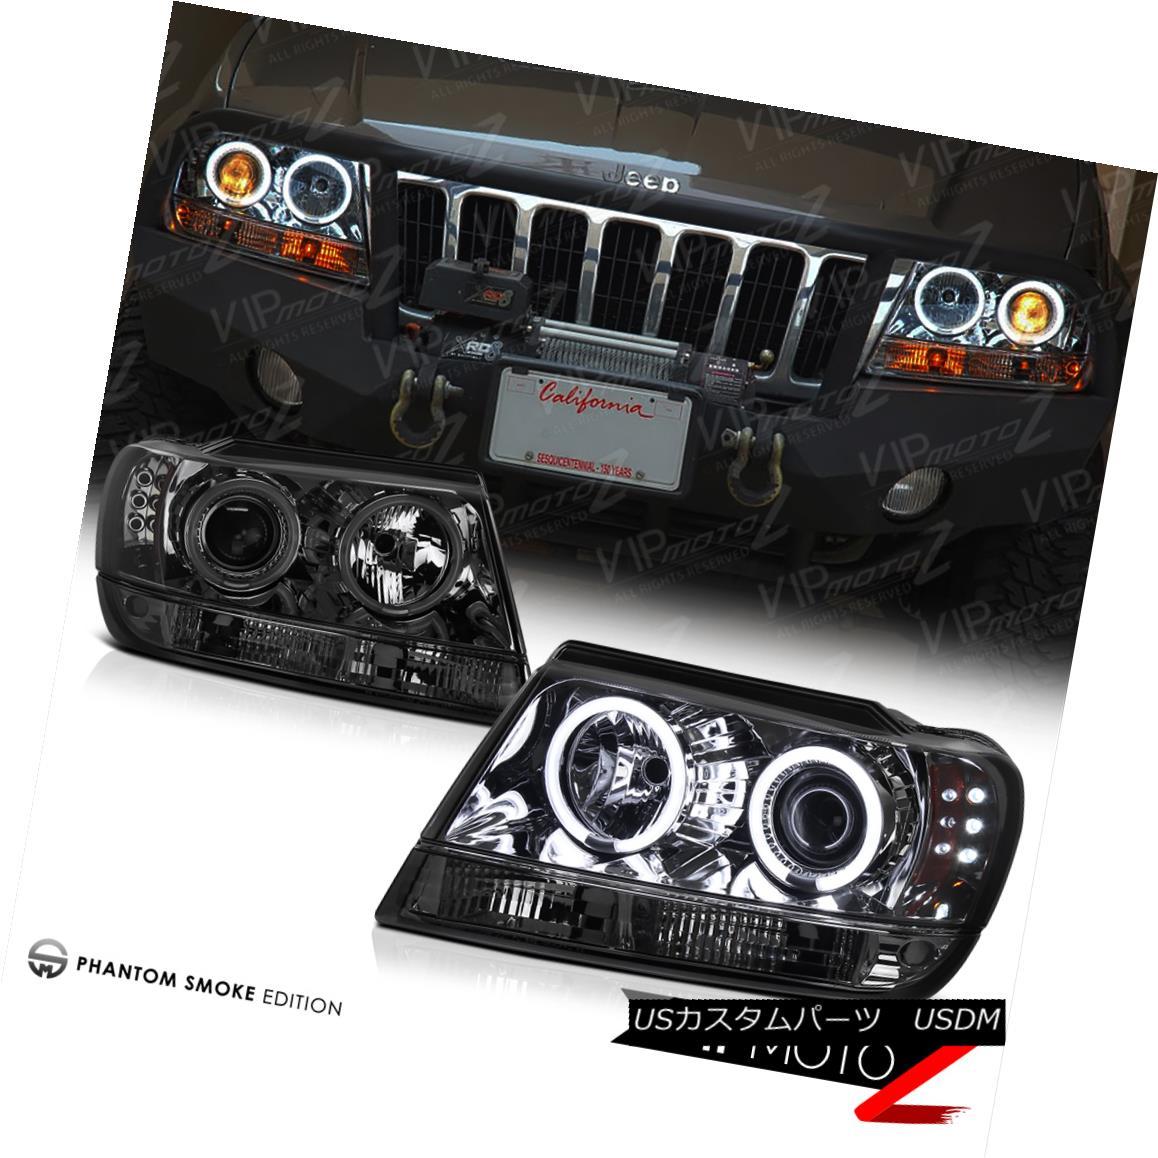 ヘッドライト Jeep Grand Cherokee Limited 99-03 *CCFL HALO* LED Projector Headlights Smoke ジープグランドチェロキーリミテッド99-03 * CCFLハロー* LEDプロジェクターヘッドライトスモーク